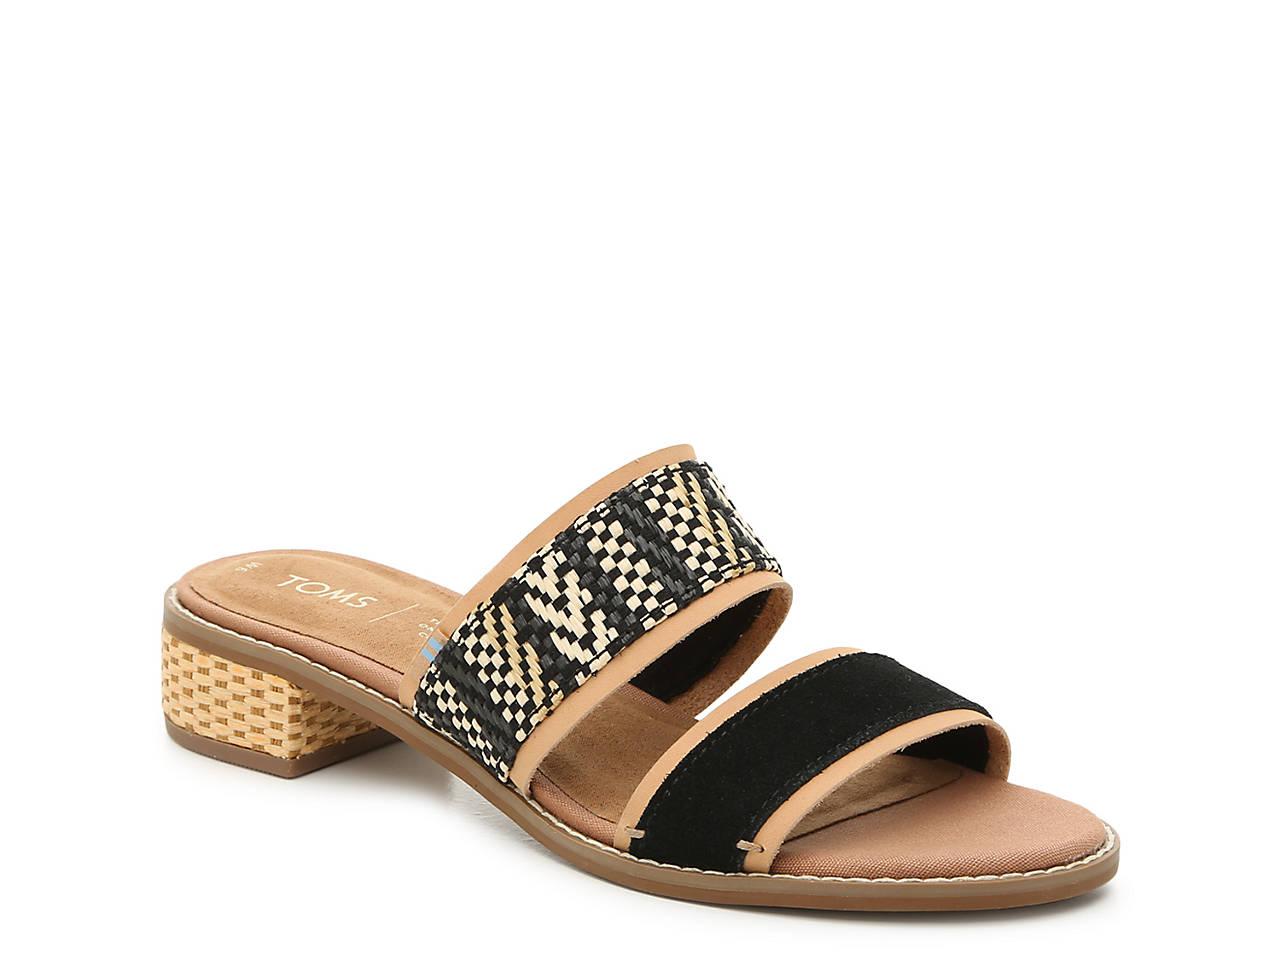 59d33ebc2 TOMS Mariposa Sandal Women s Shoes